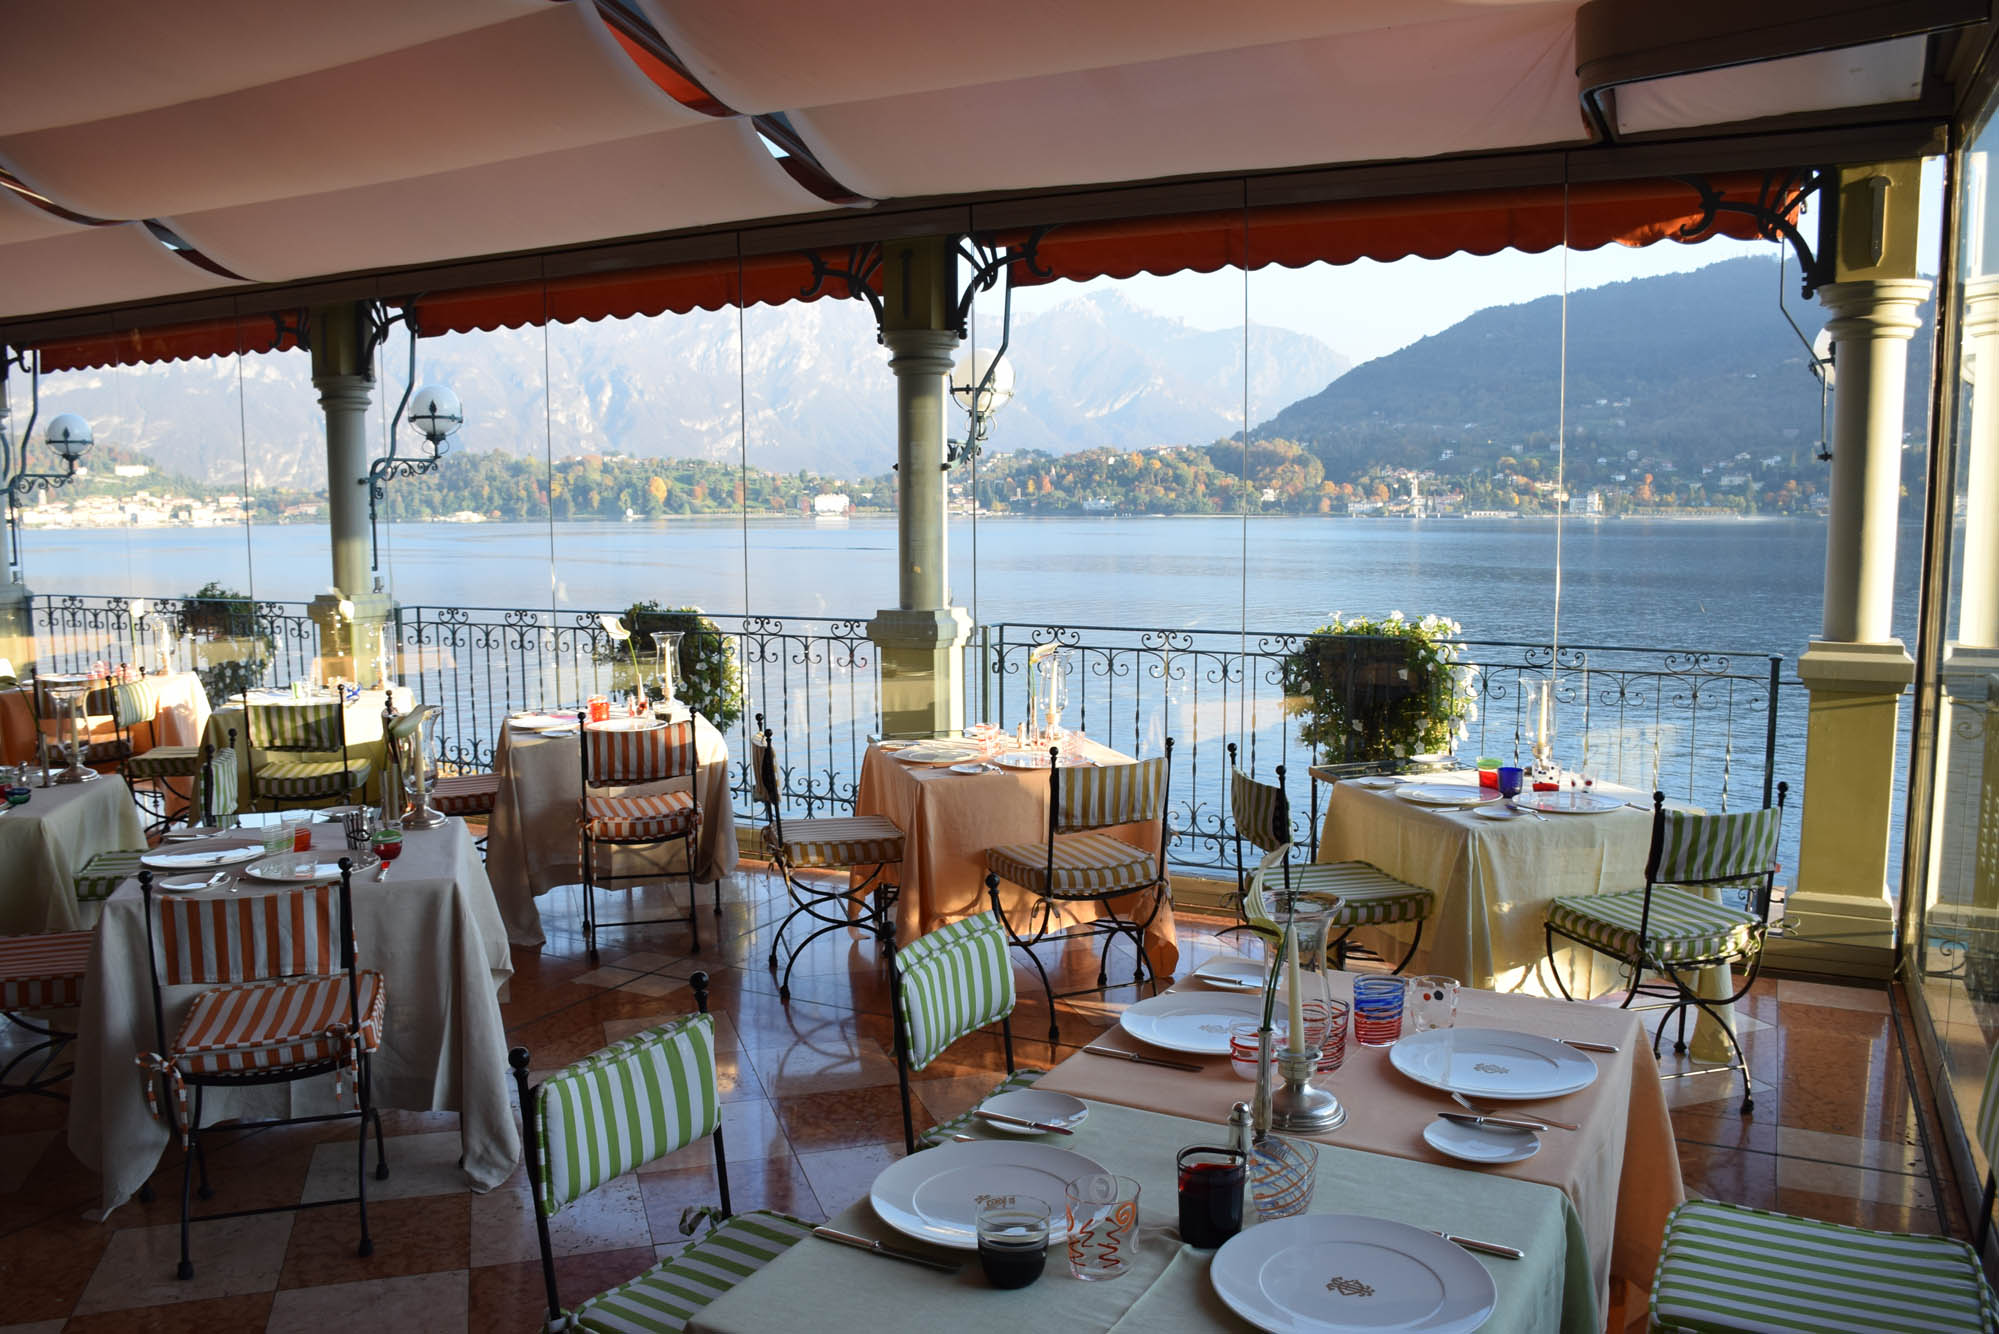 Ristorante La Terraza do Grand Hotel Tremezzo - Lago di Como - Itália